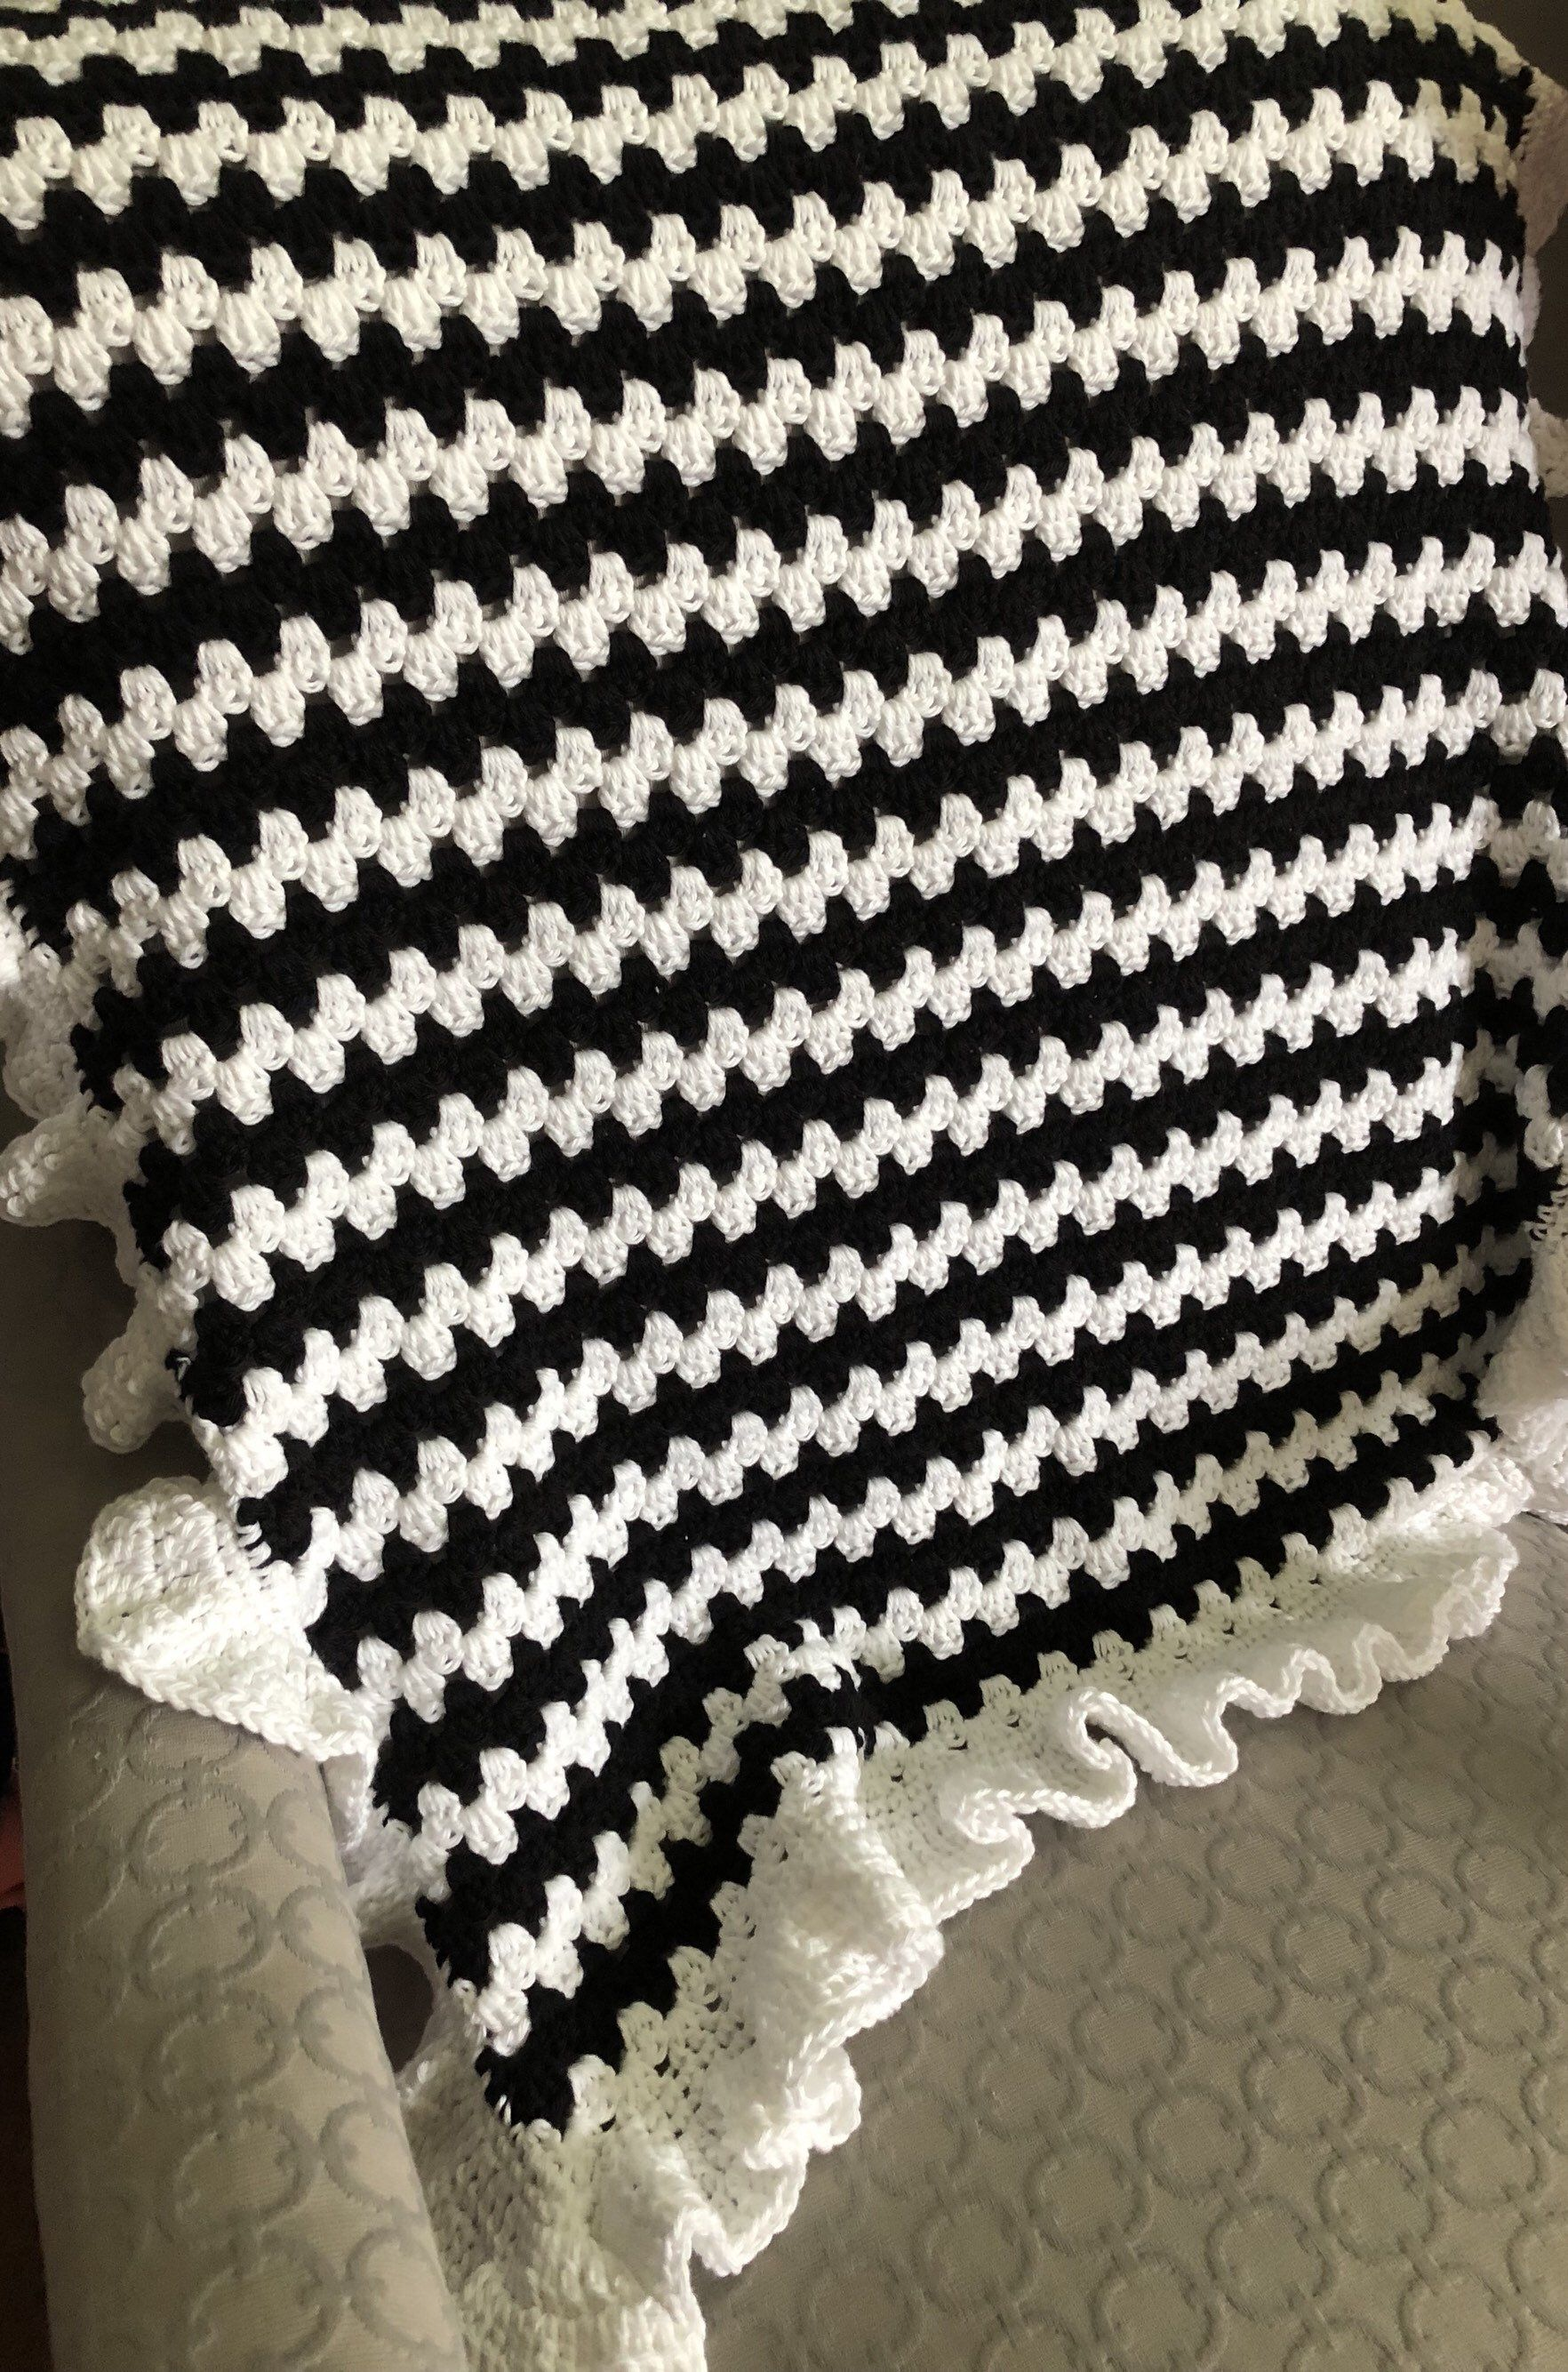 Black And White Blanket Crochet Baby Blanket Granny Stripe Etsy Baby Blanket Crochet Striped Crochet Blanket Crochet Blanket Granny Stripe